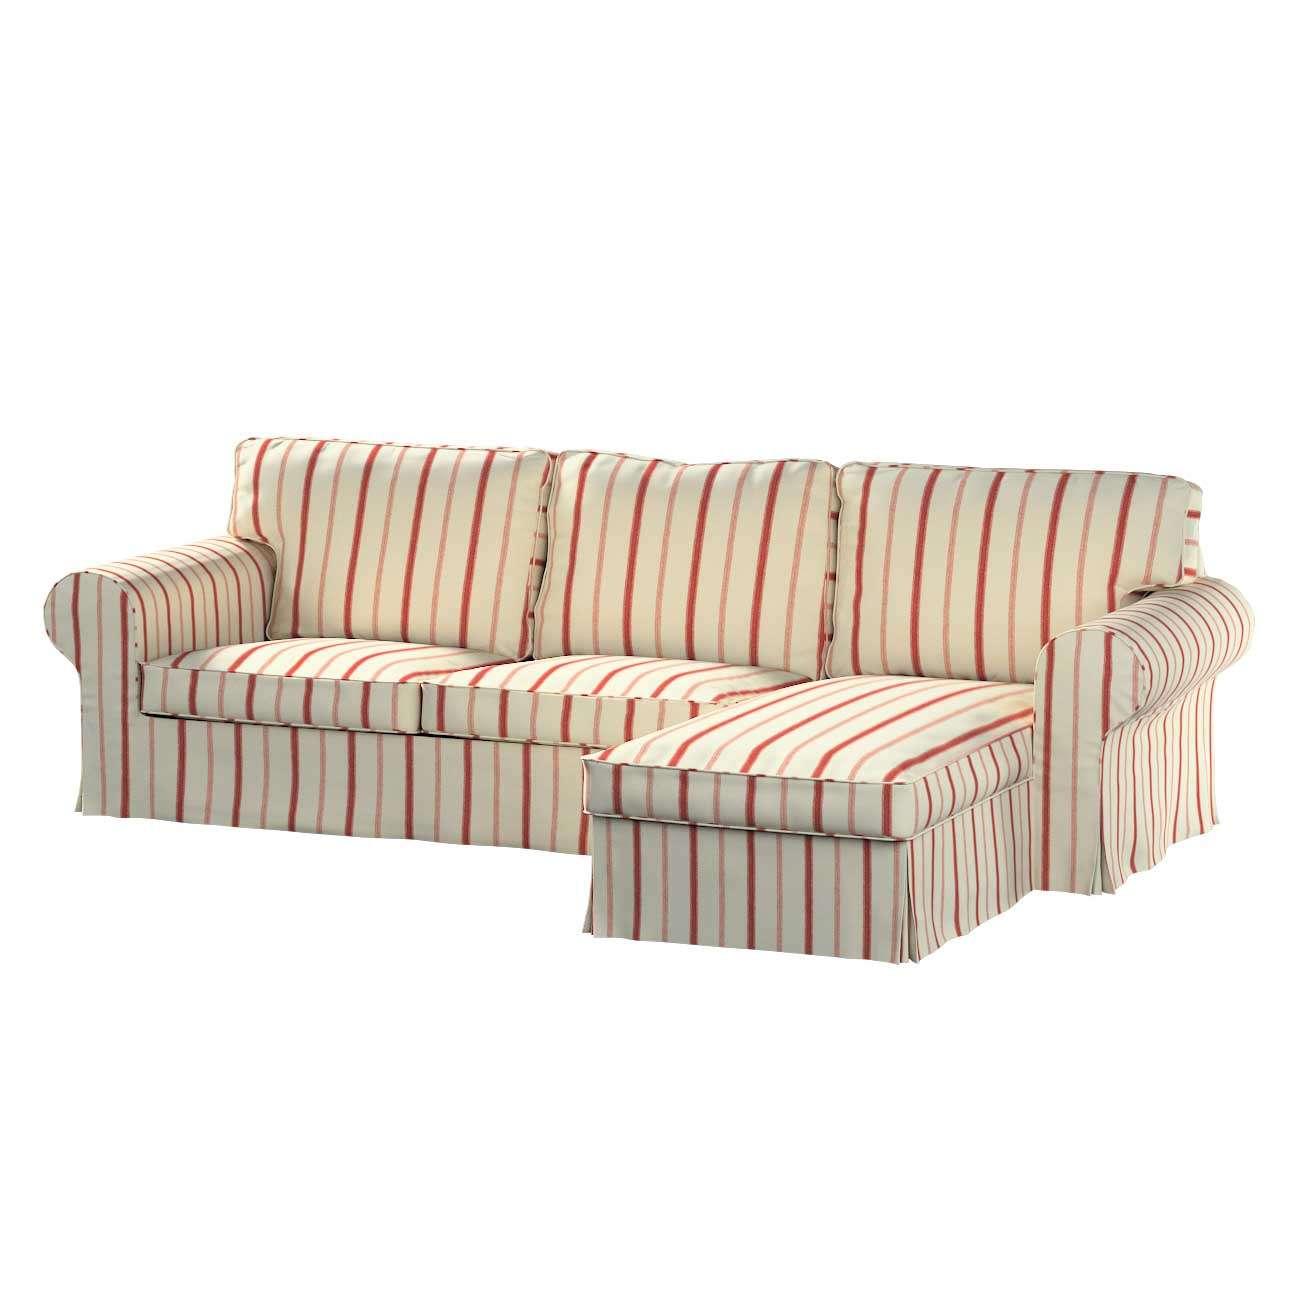 Bezug für Ektorp 2-Sitzer Sofa mit Recamiere von der Kollektion Avinon, Stoff: 129-15